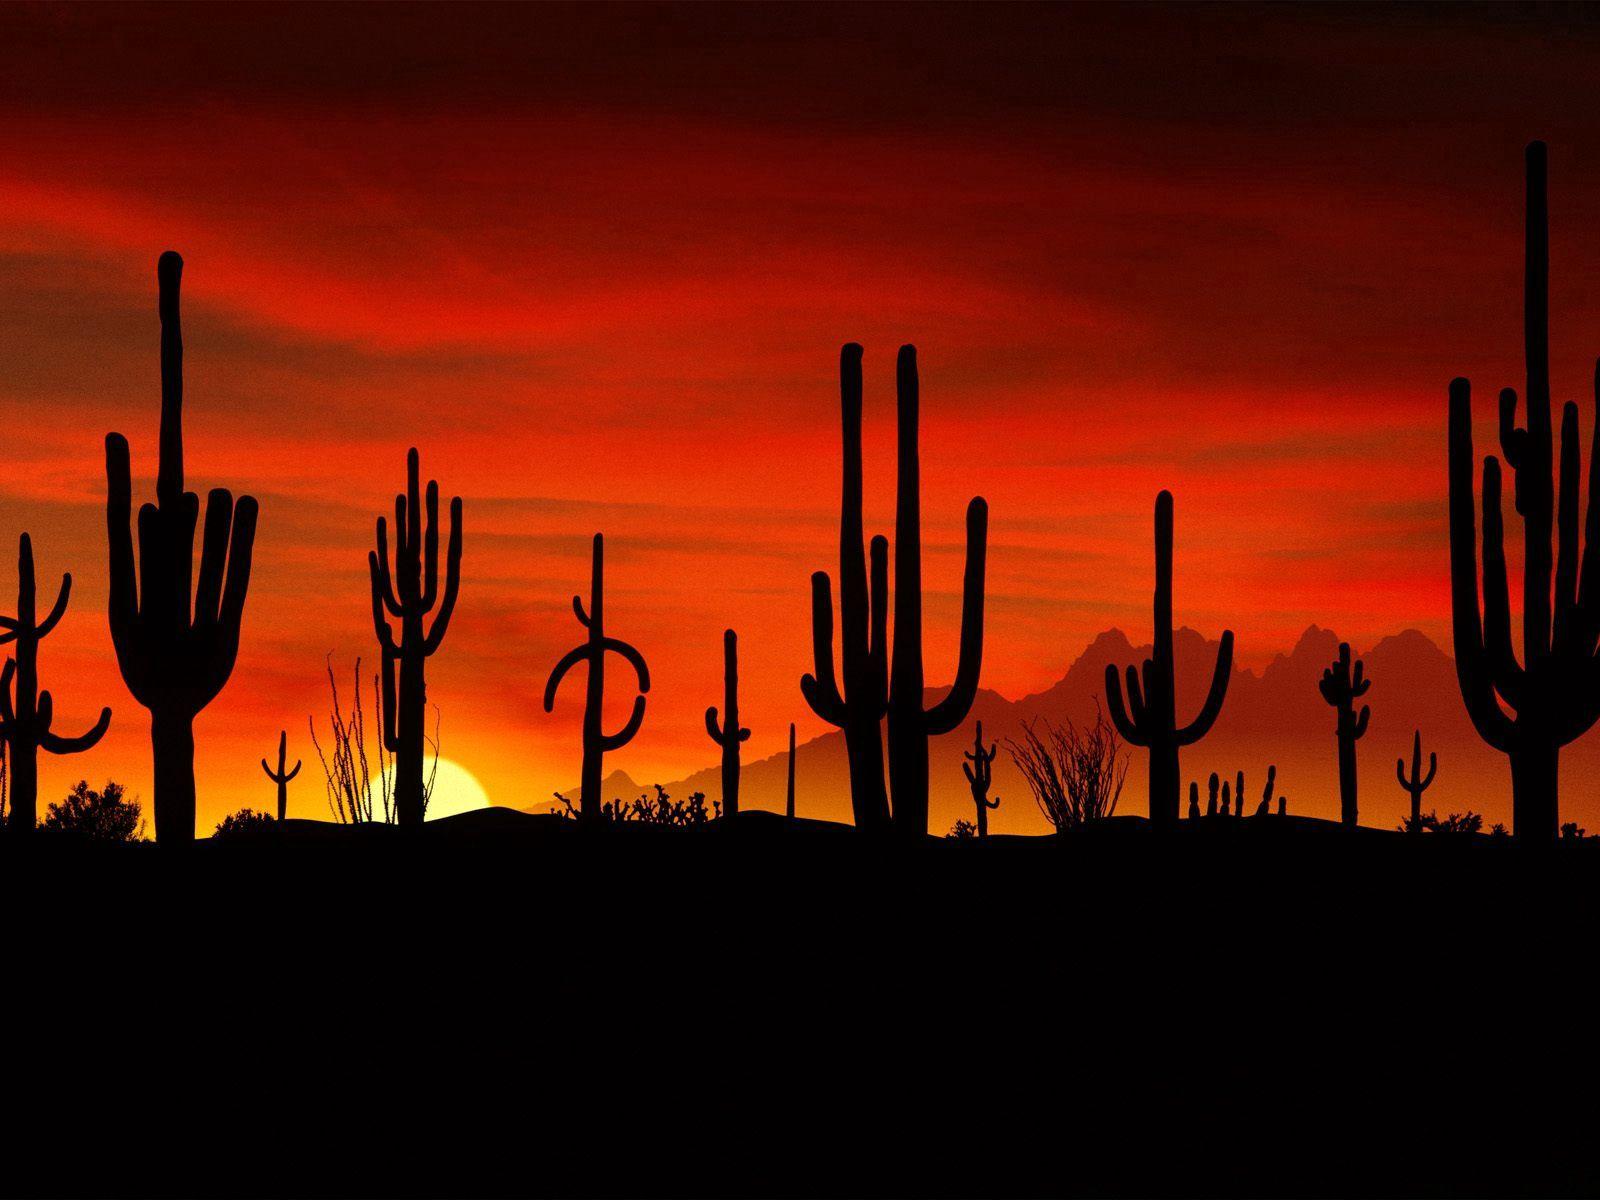 137871 скачать обои Кактусы, Природа, Закат, Солнце, Пустыня, Очертания, Вечер, Фигуры - заставки и картинки бесплатно